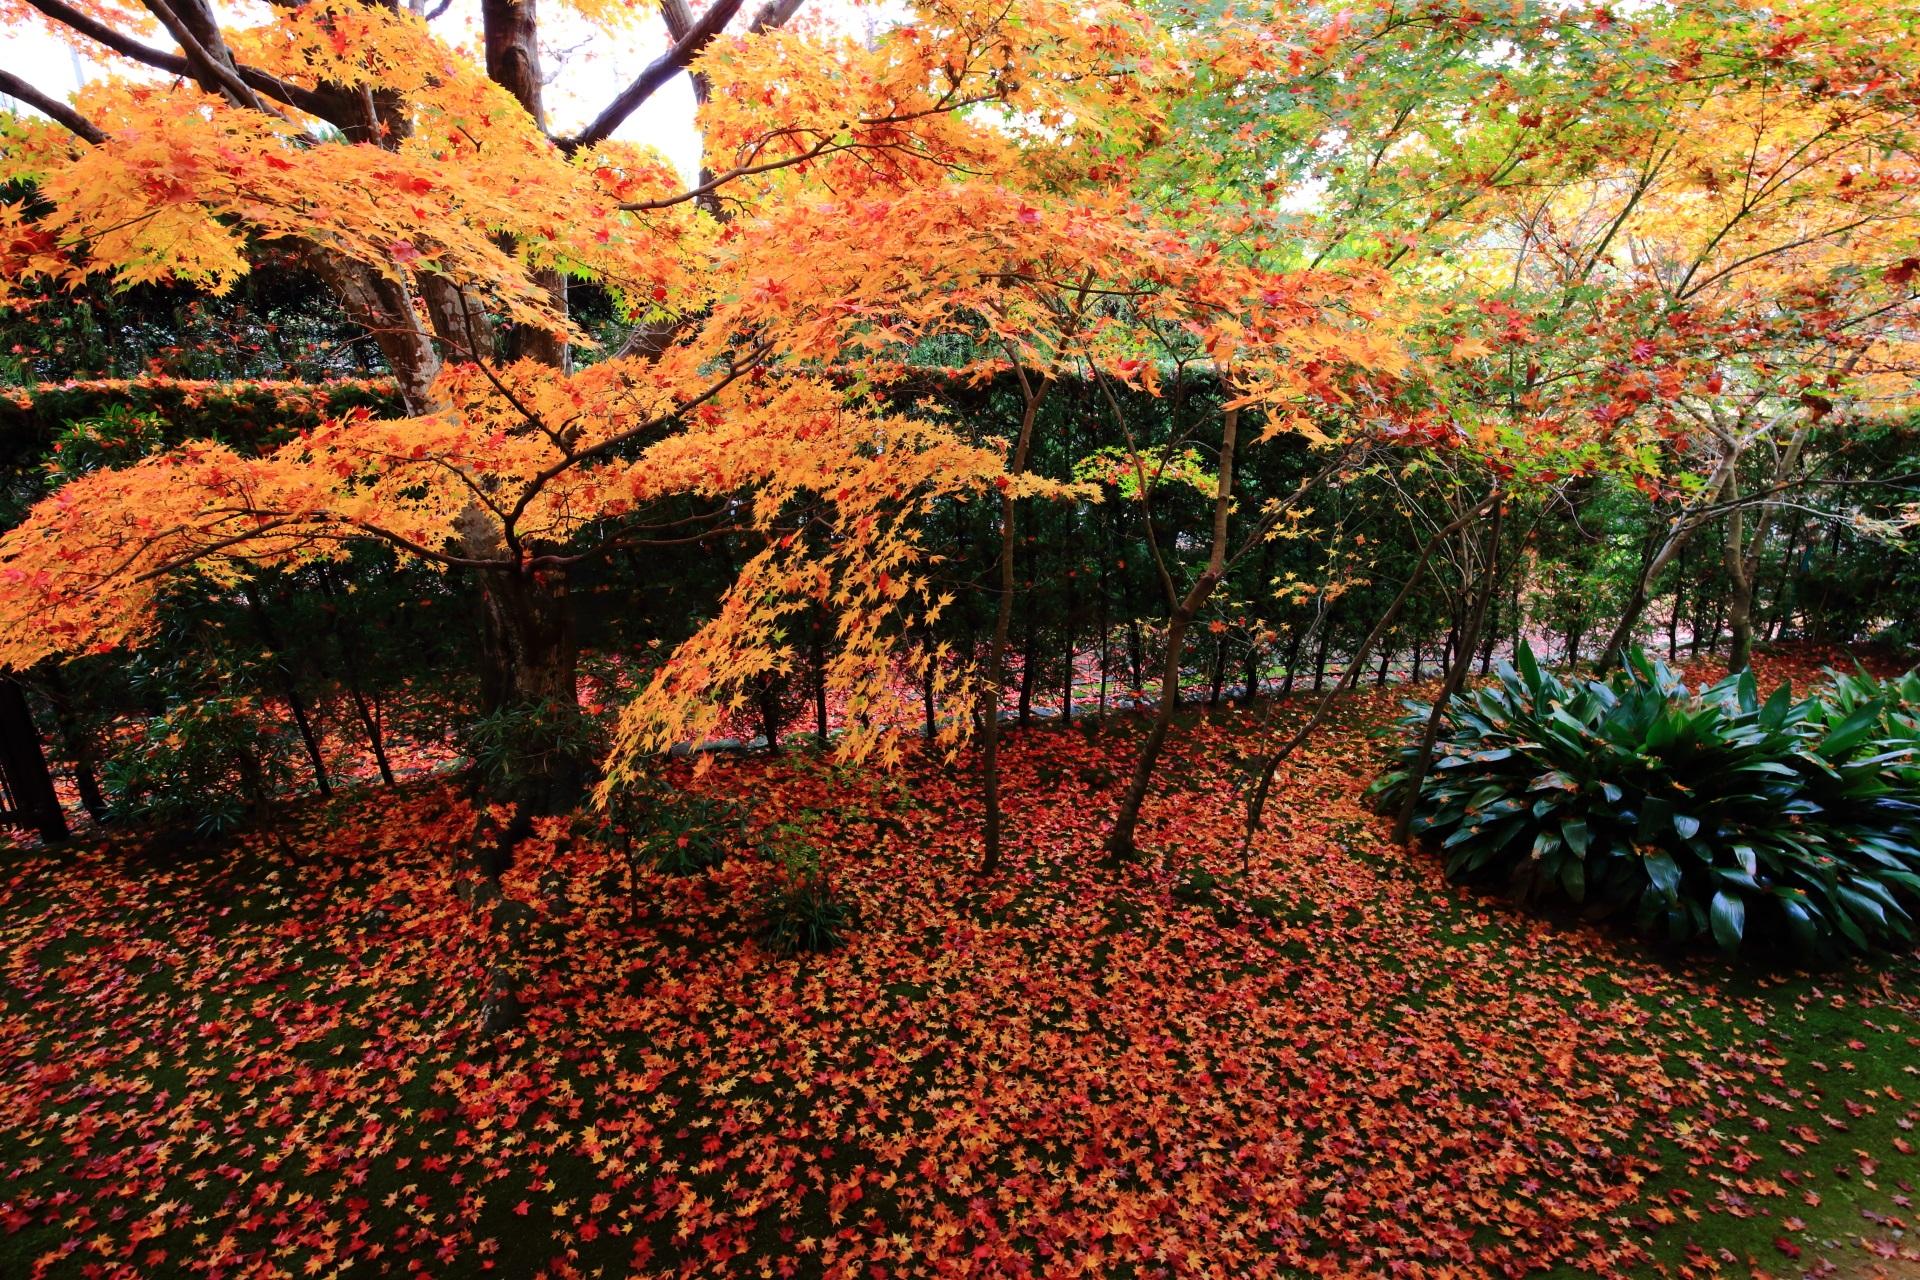 源光庵の本堂横の紅葉と圧巻の散りもみじ